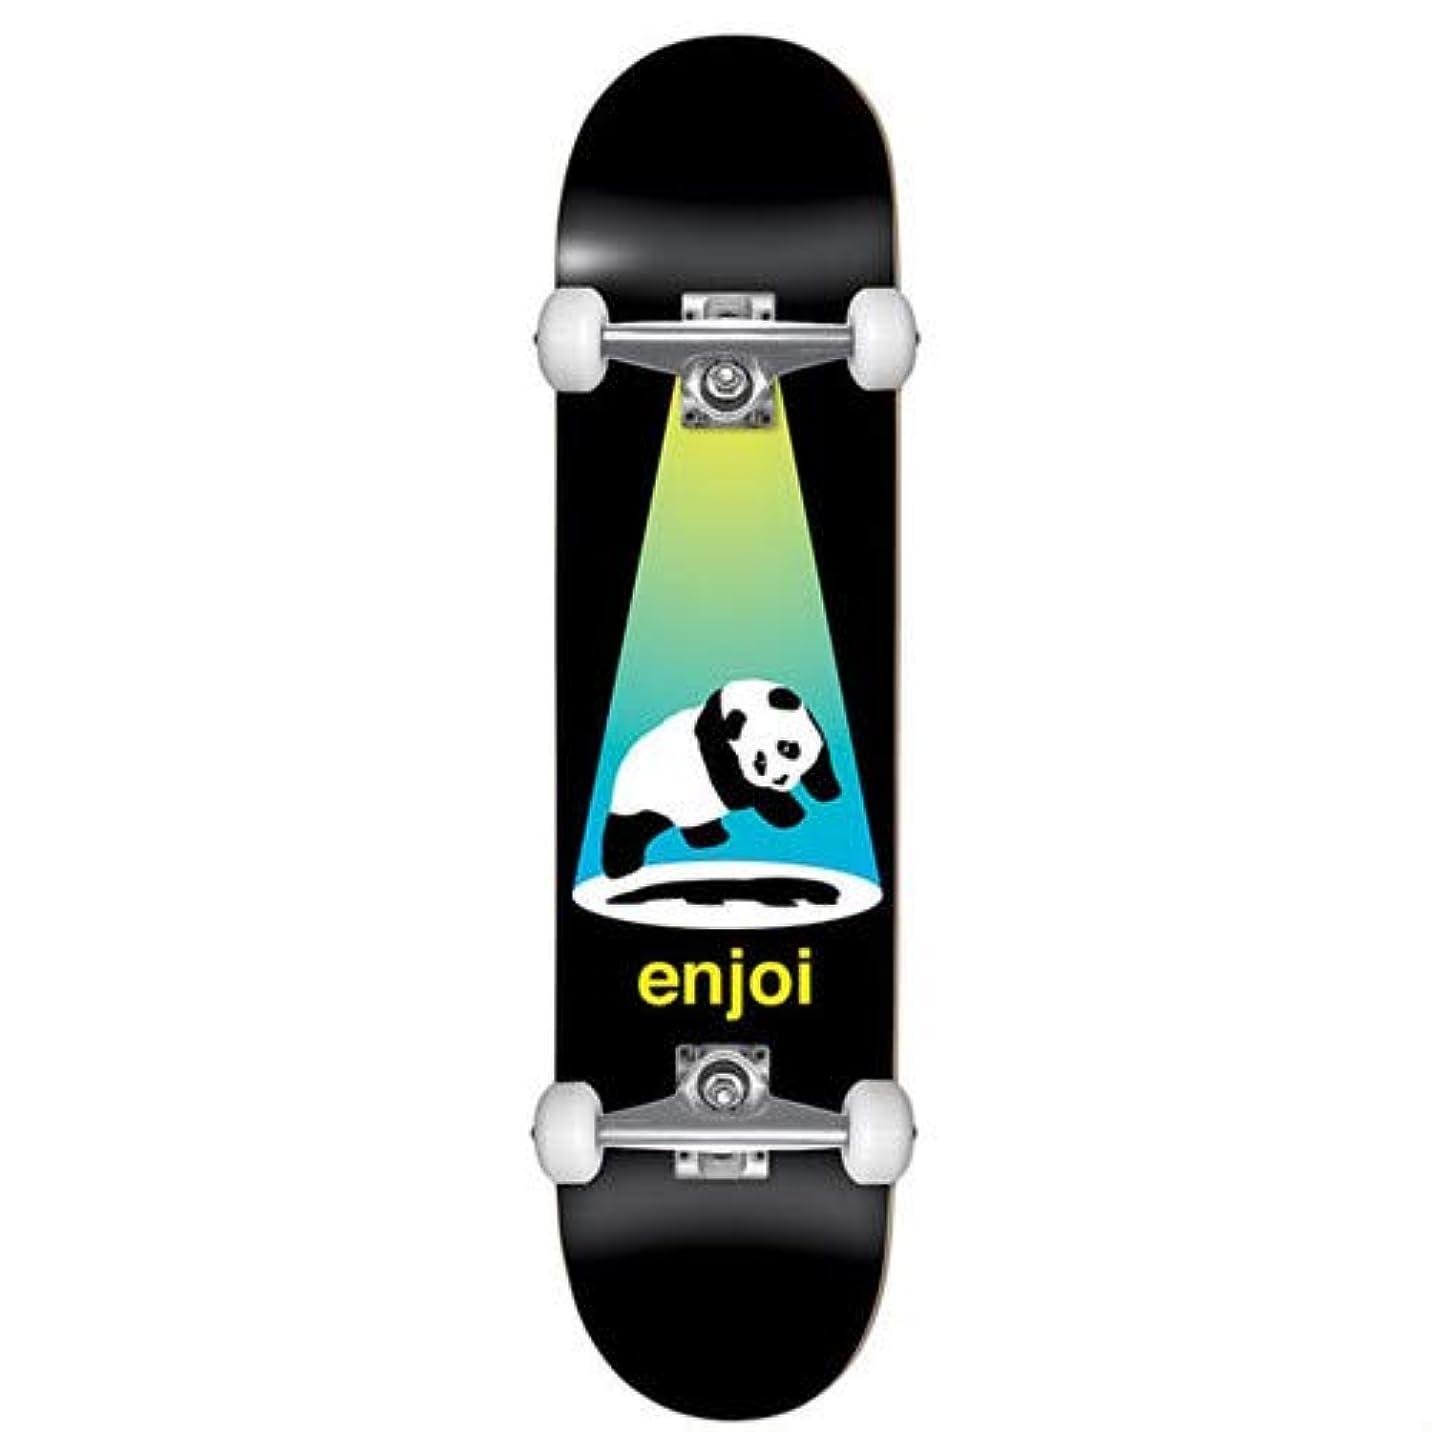 アサート三番ガイドスケートボード コンプリート ENJOI KIDS COMPLETE ABDUCTION YELLOW/BLUE 7.375